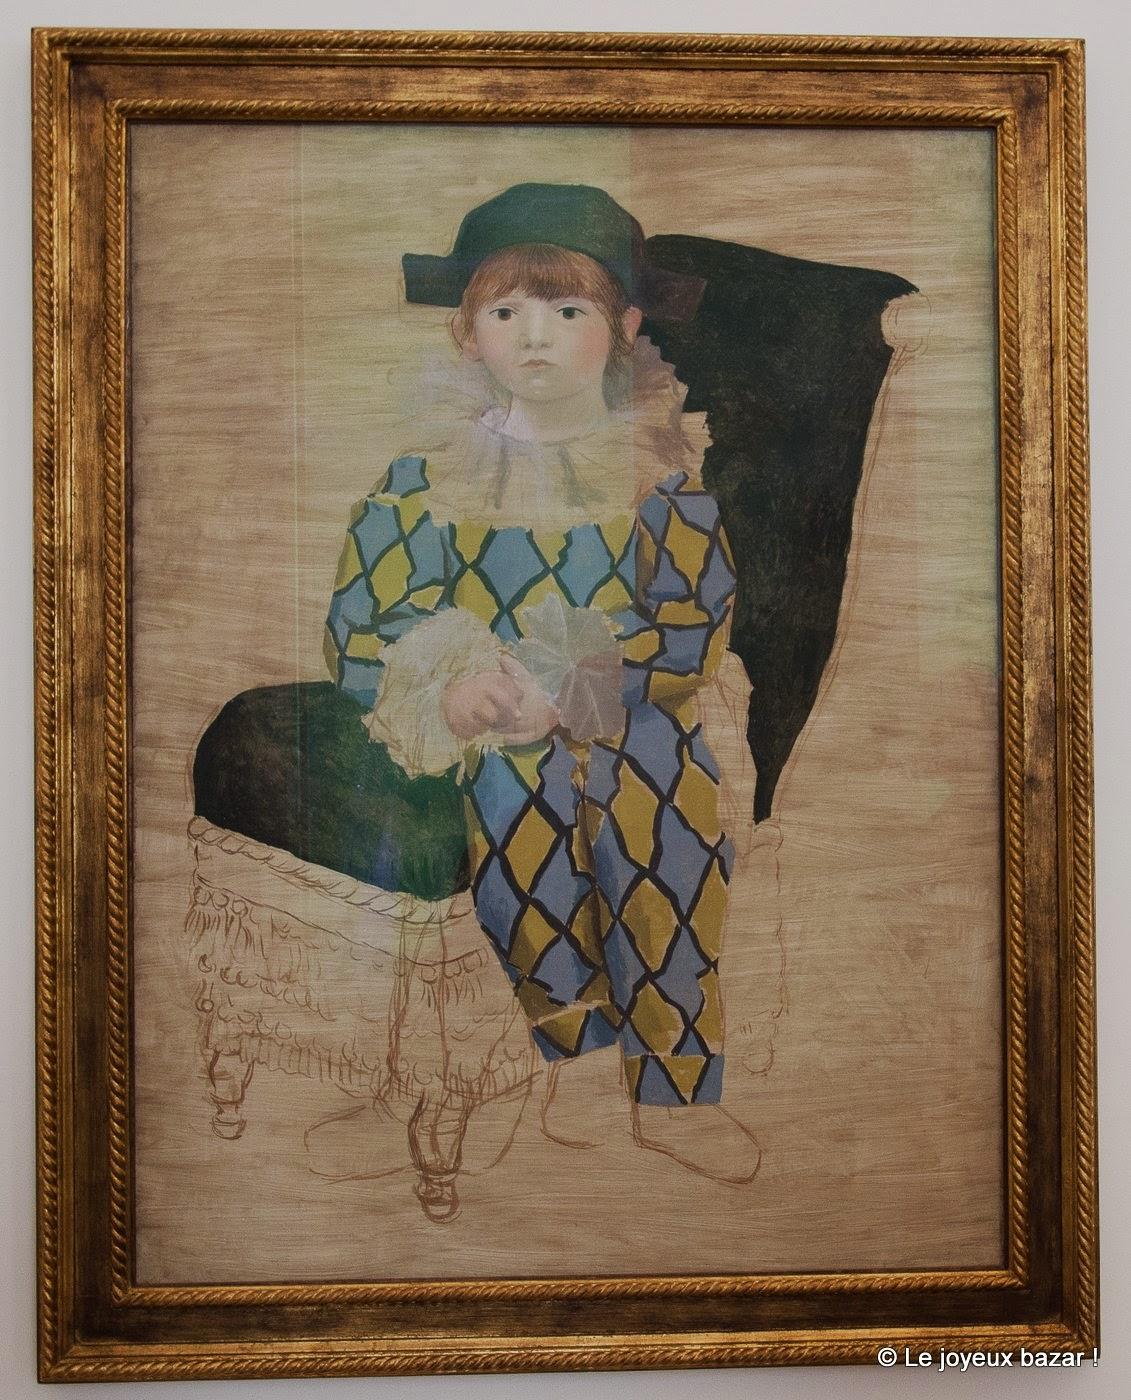 Musee Picasso - Paris - Paulo en Arlequin